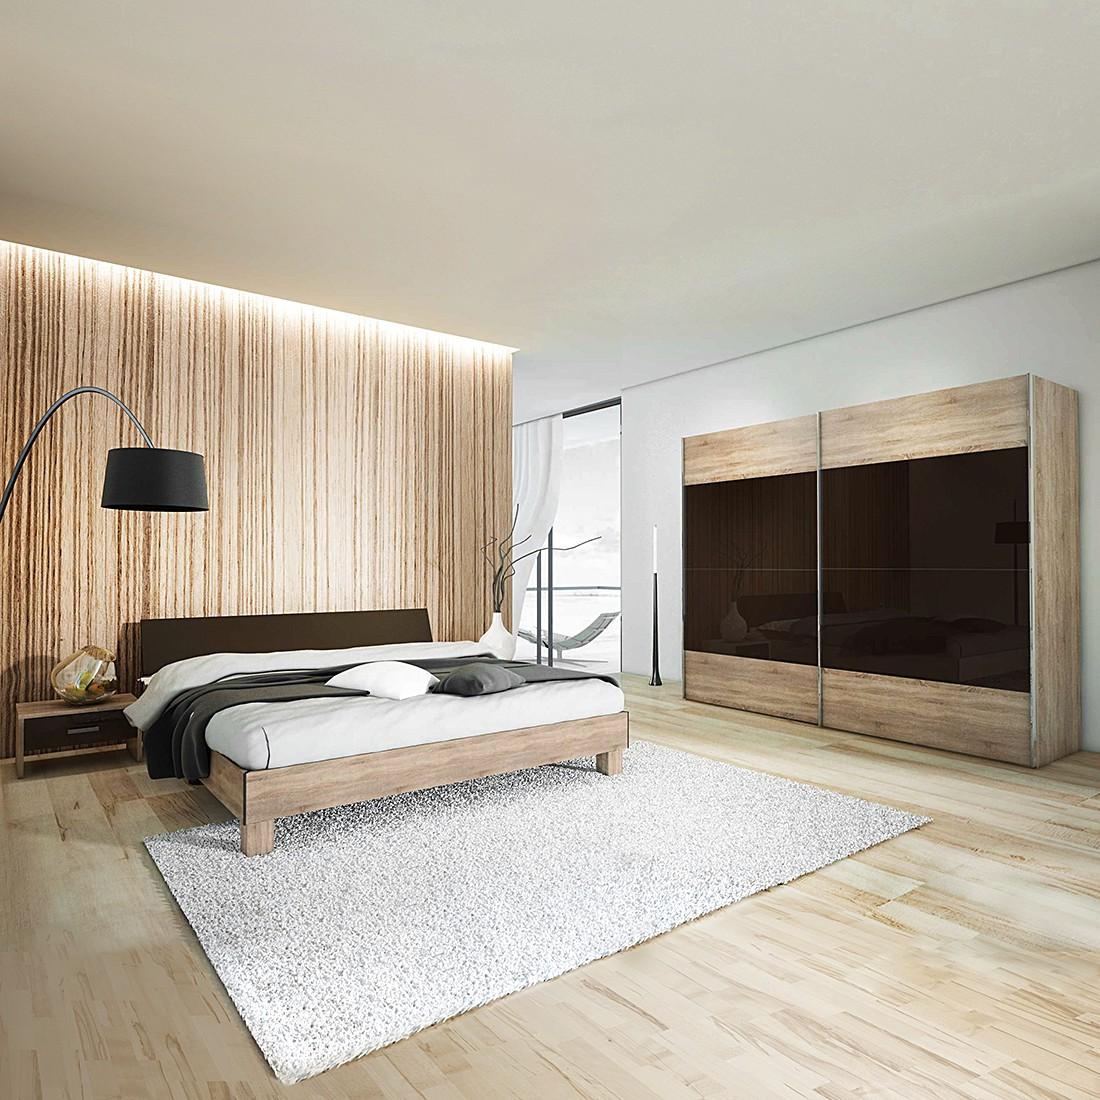 schlafzimmer set sunny day 4 teilig wildeiche lava hochglanz schlafzimmer set sunny day. Black Bedroom Furniture Sets. Home Design Ideas